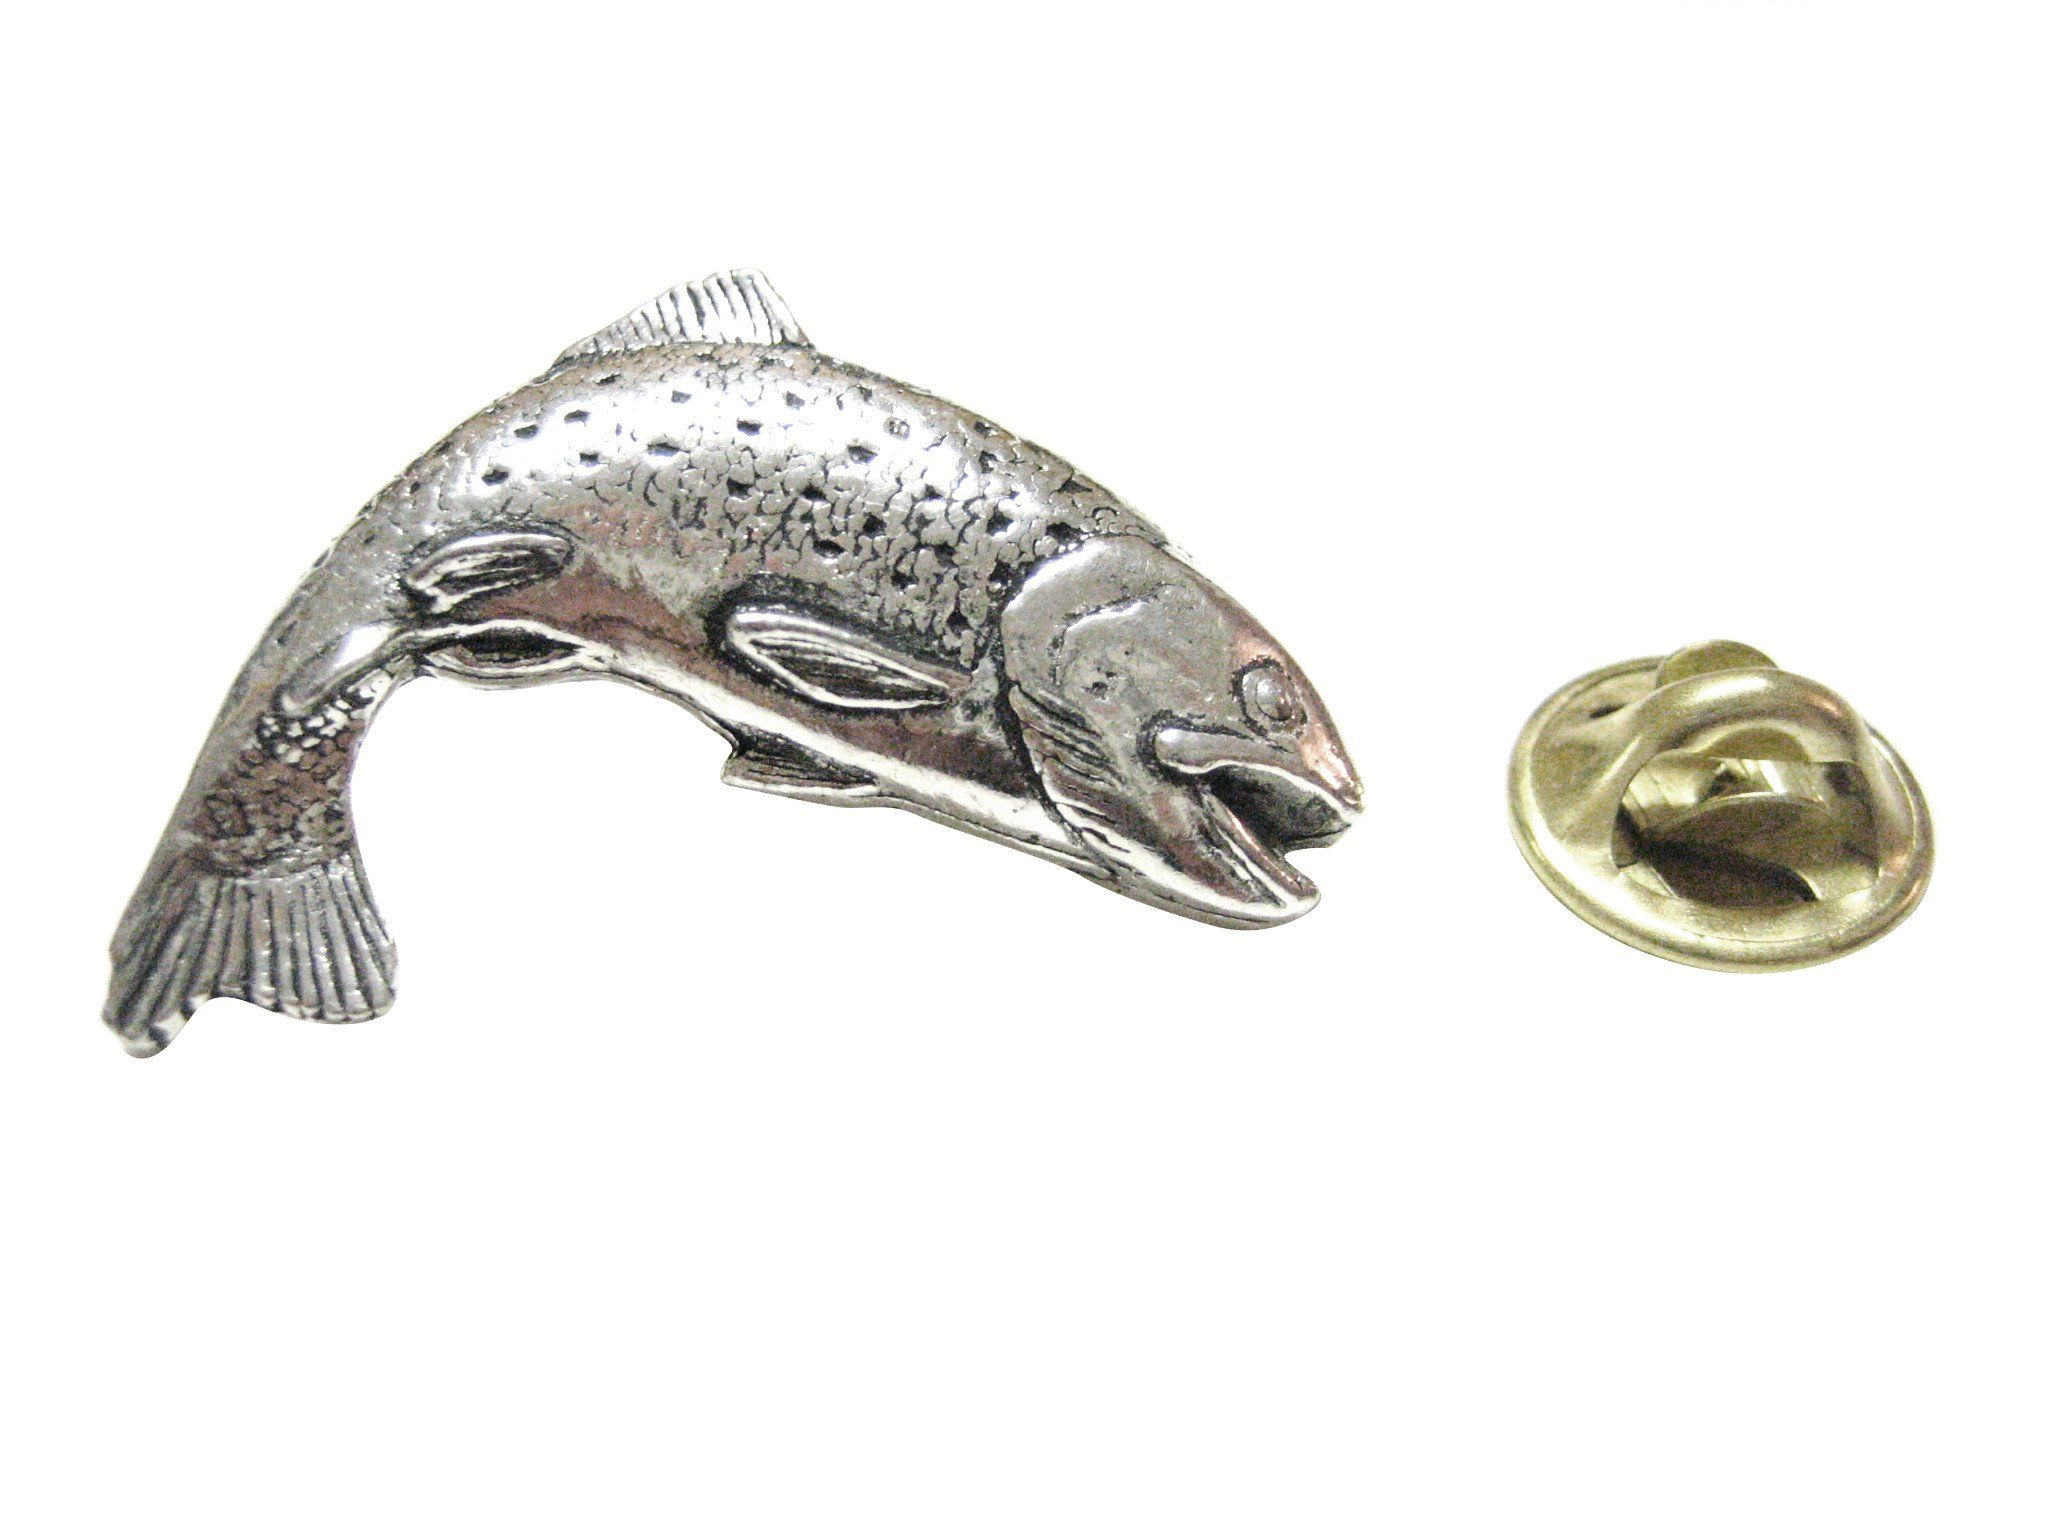 cb9e98537aa78 Splashing Salmon Fish Lapel Pin Lapel Pins